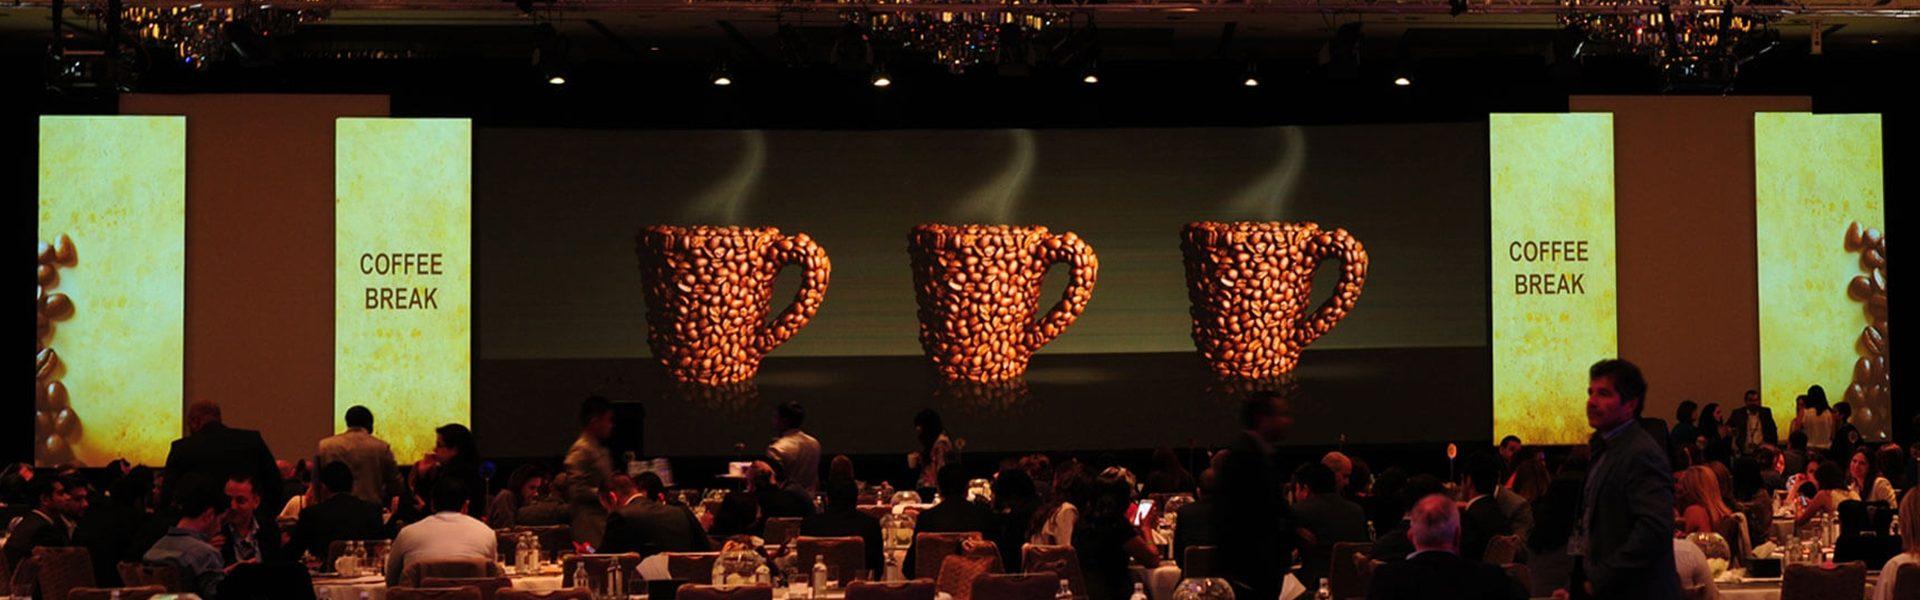 Coffe-Break-1-1024x429